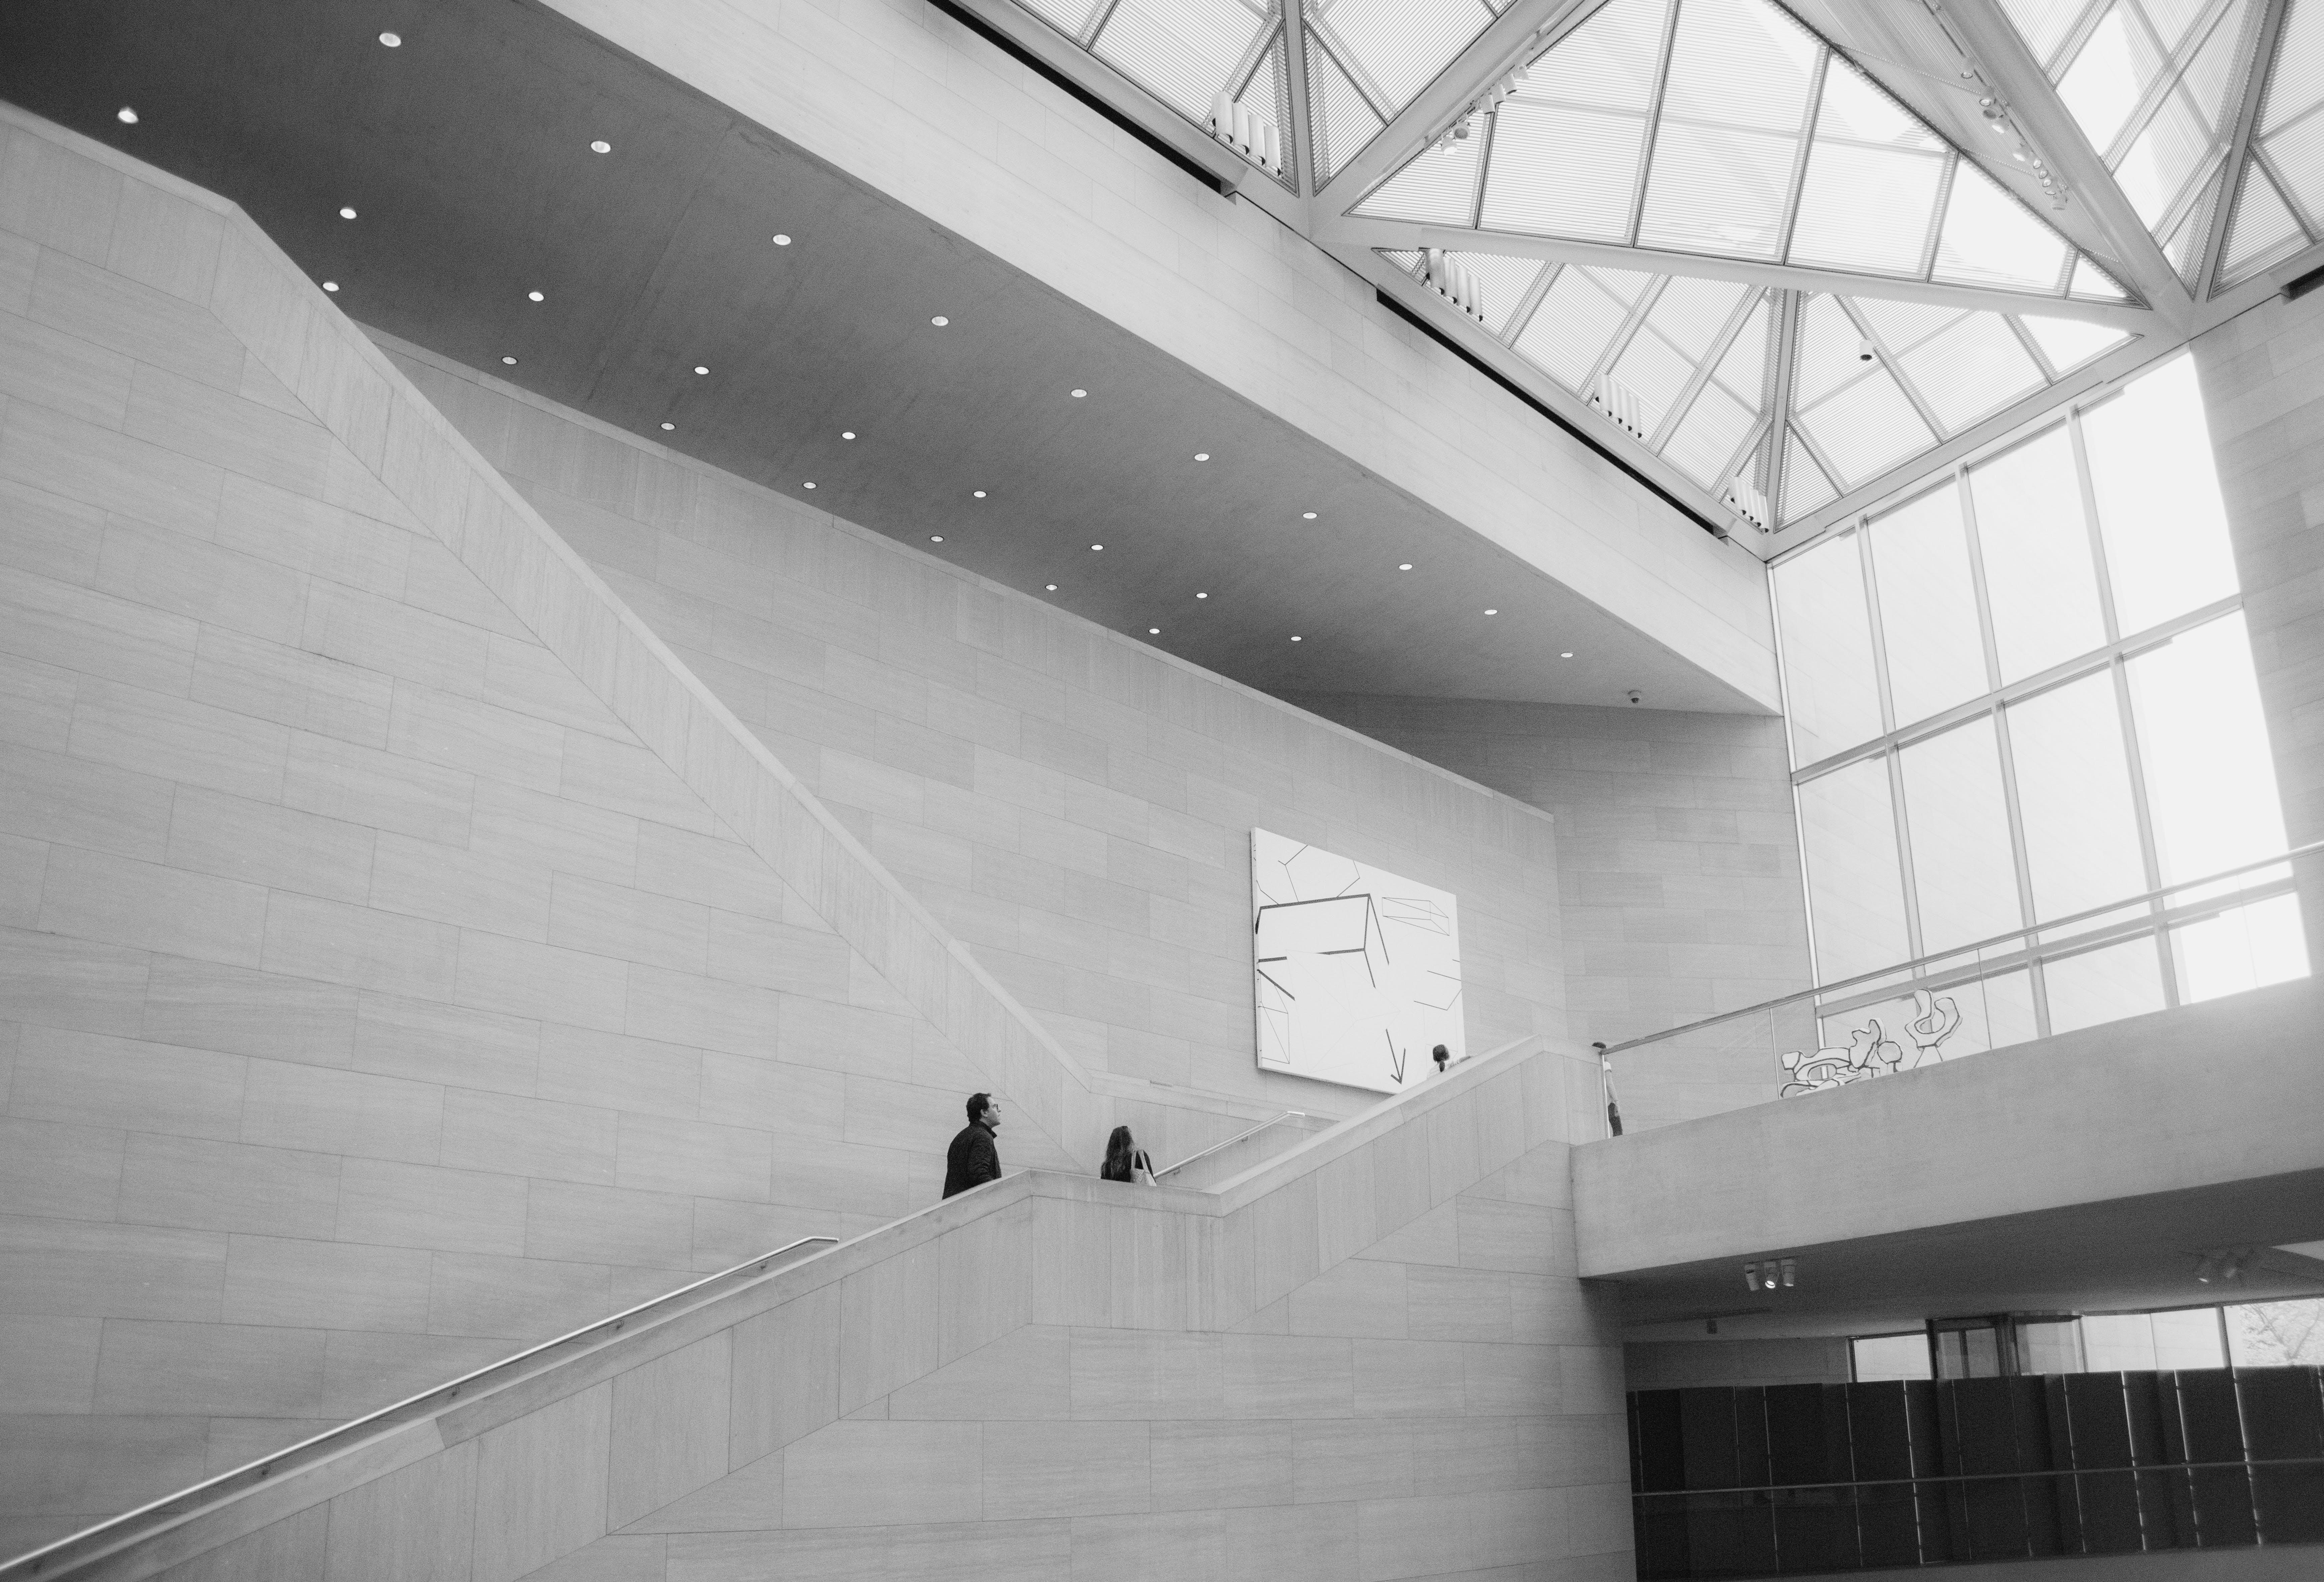 de arquitetura, arquitetura contemporânea, construção, contemporâneo